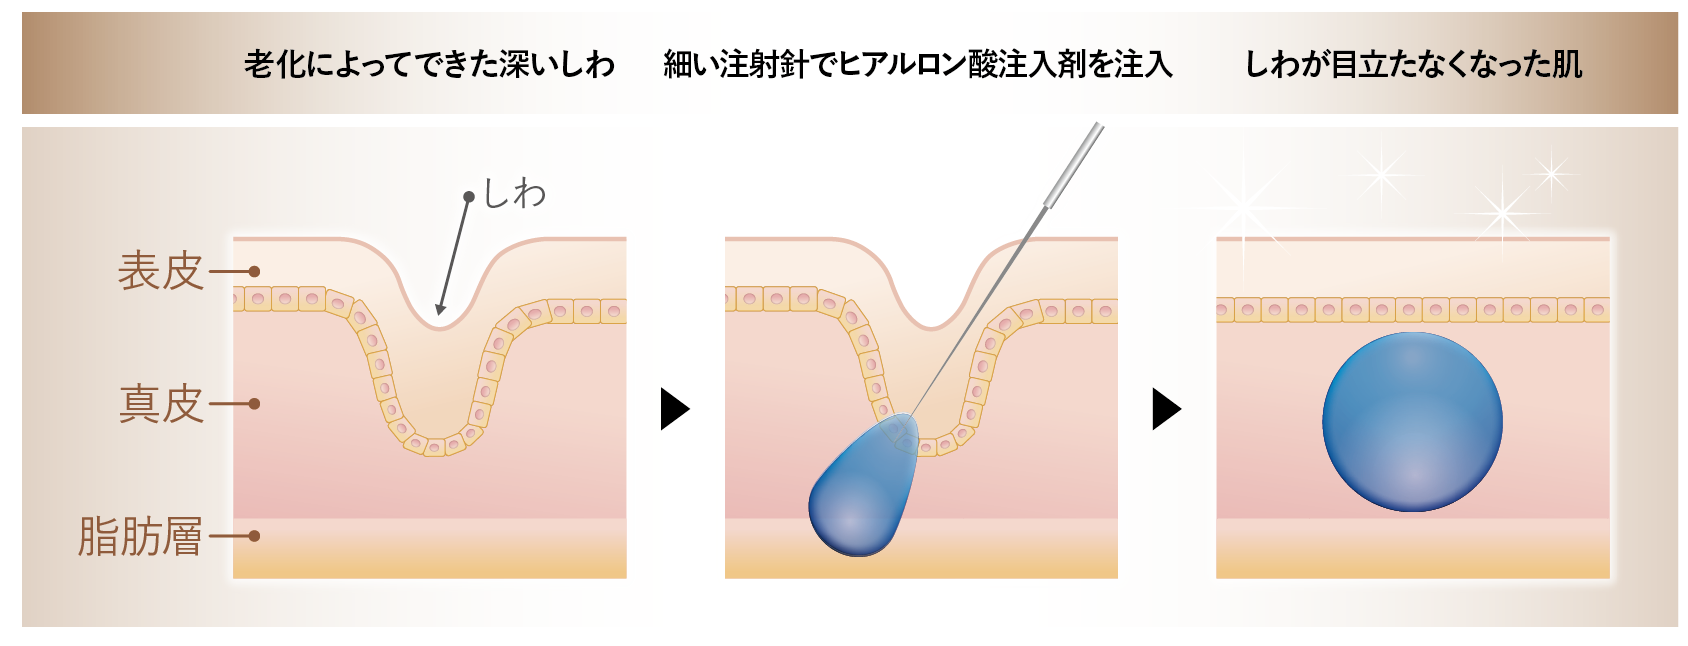 ヒアルロン酸注射イメージ